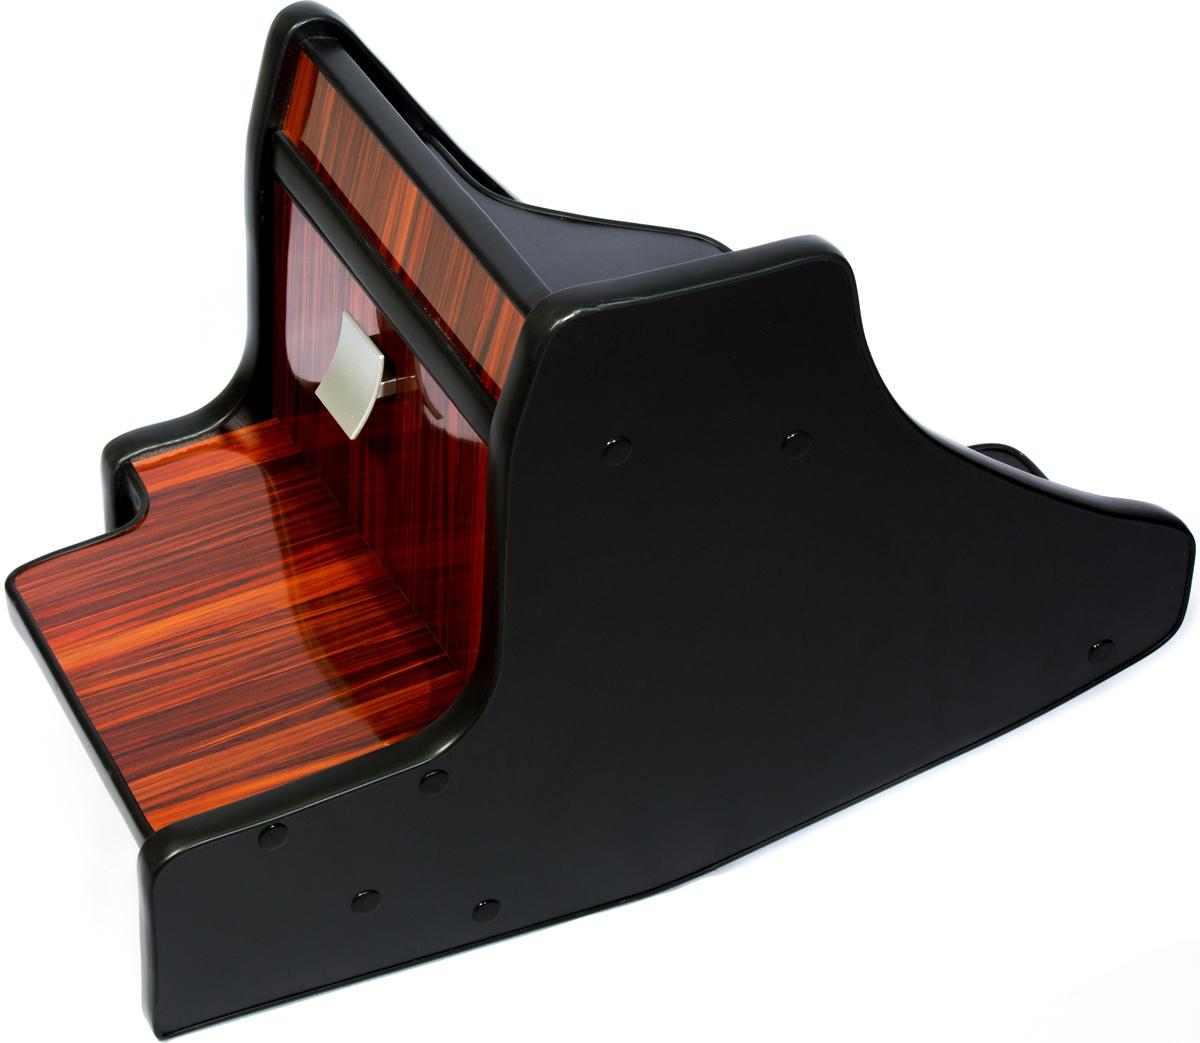 Консоль в авто АвтоБлюз для ГАЗель NEXT, ГР02805, ручка КПП на панели , глянец темное дерево